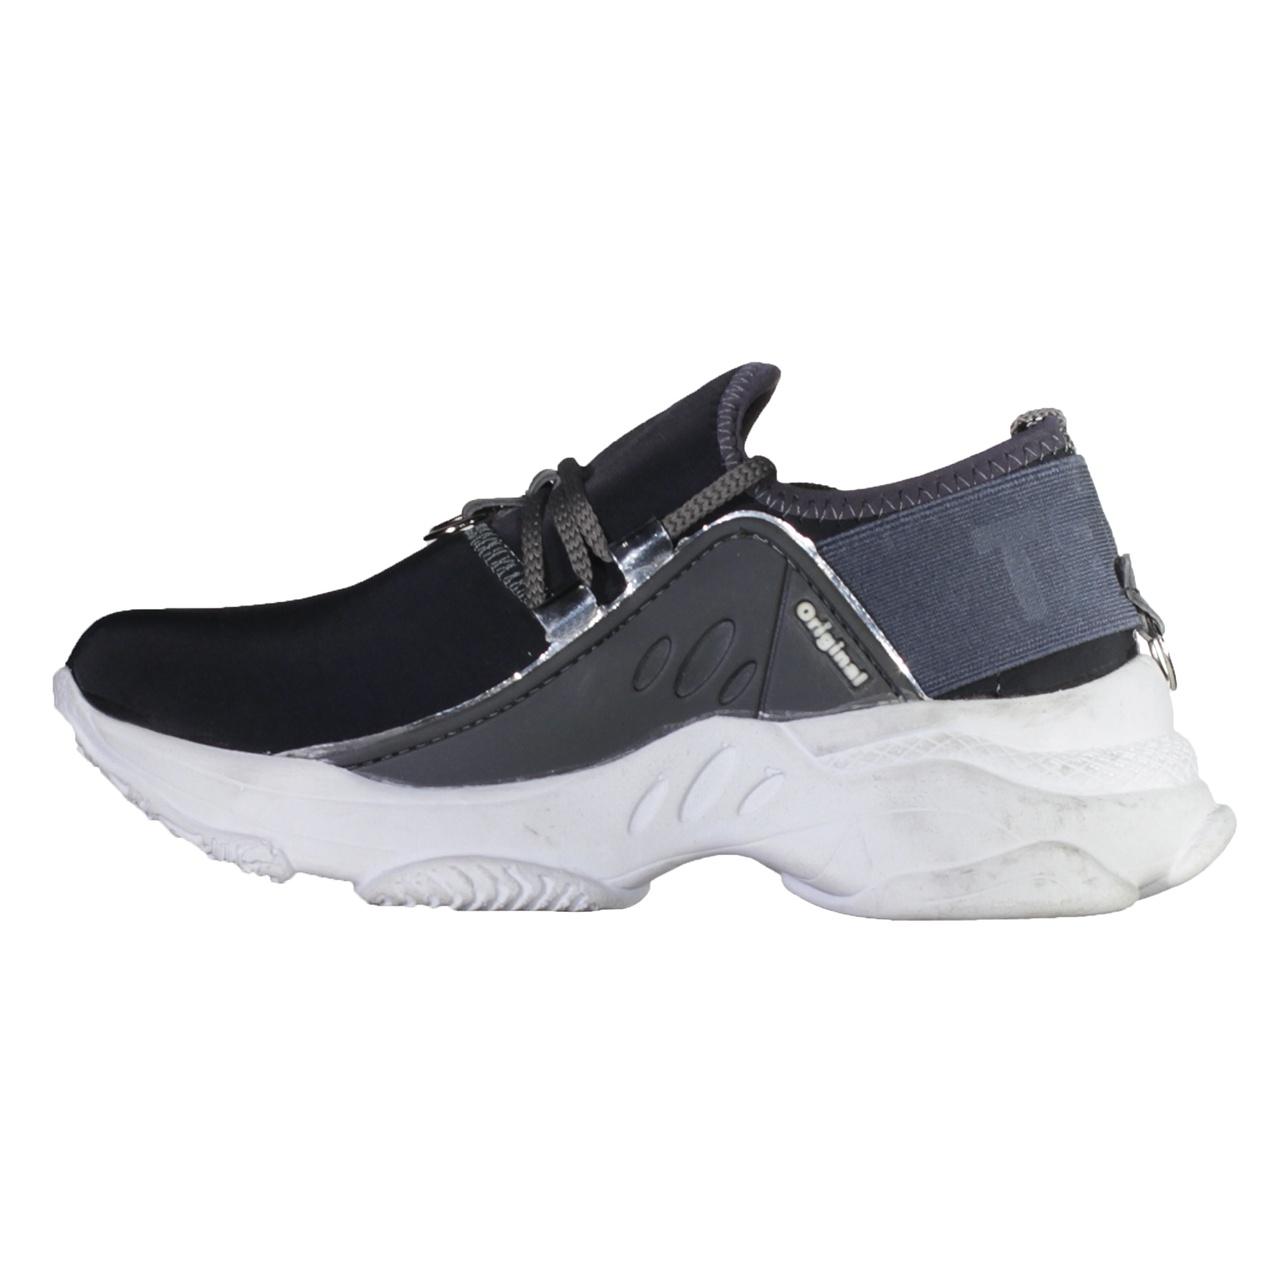 کفش مخصوص پیاده روی زنانه مدل Giovanni